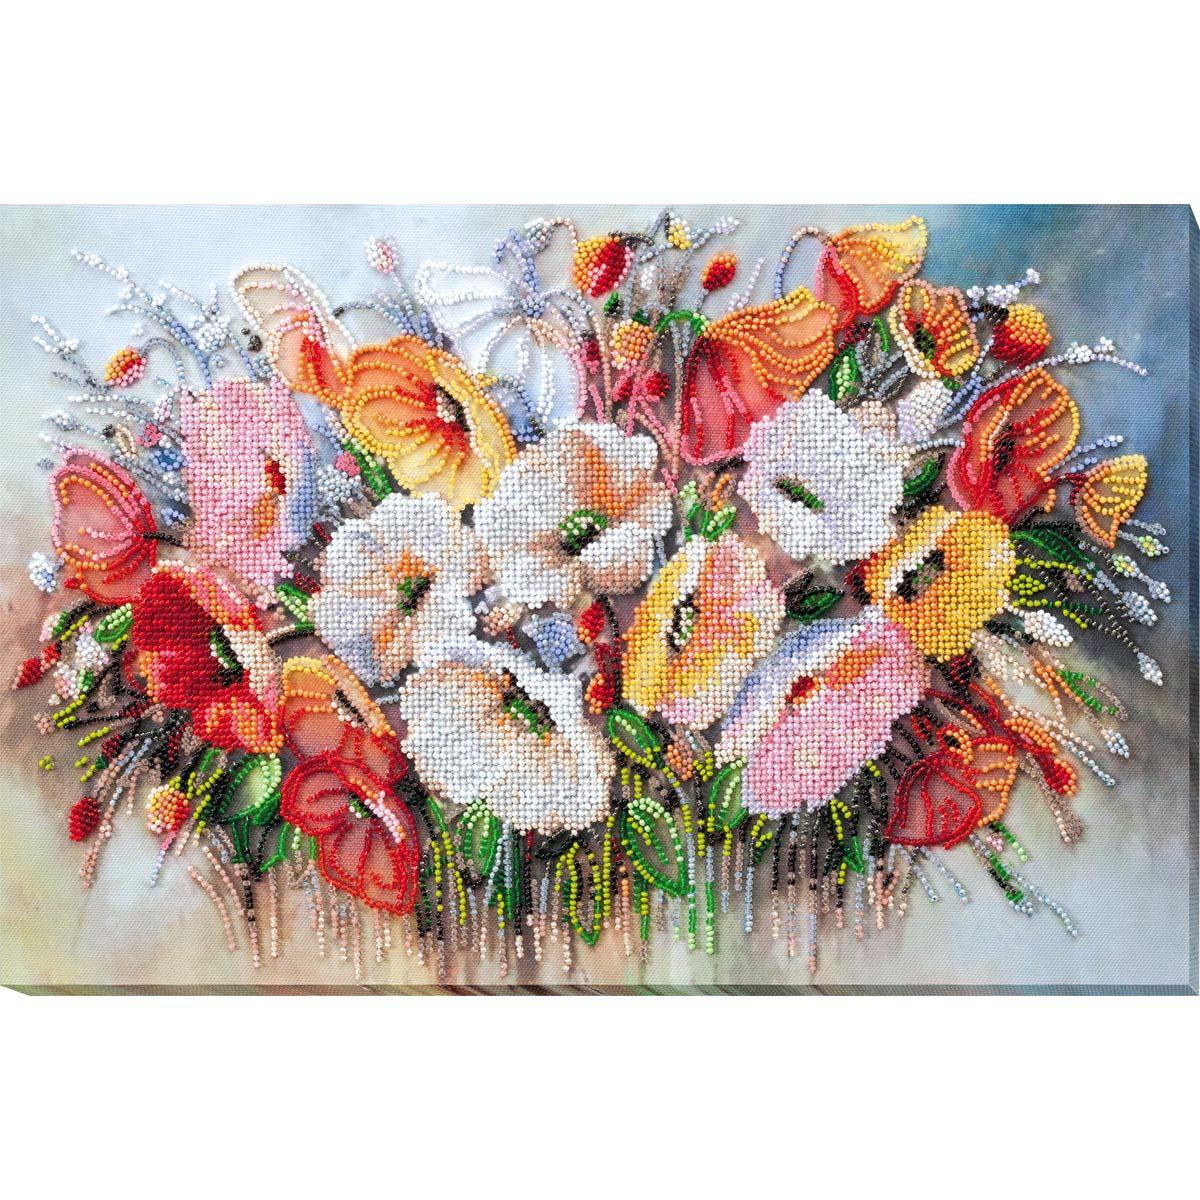 АВ-805 Набор для вышивания бисером 'Нежные цветы' 40*27см